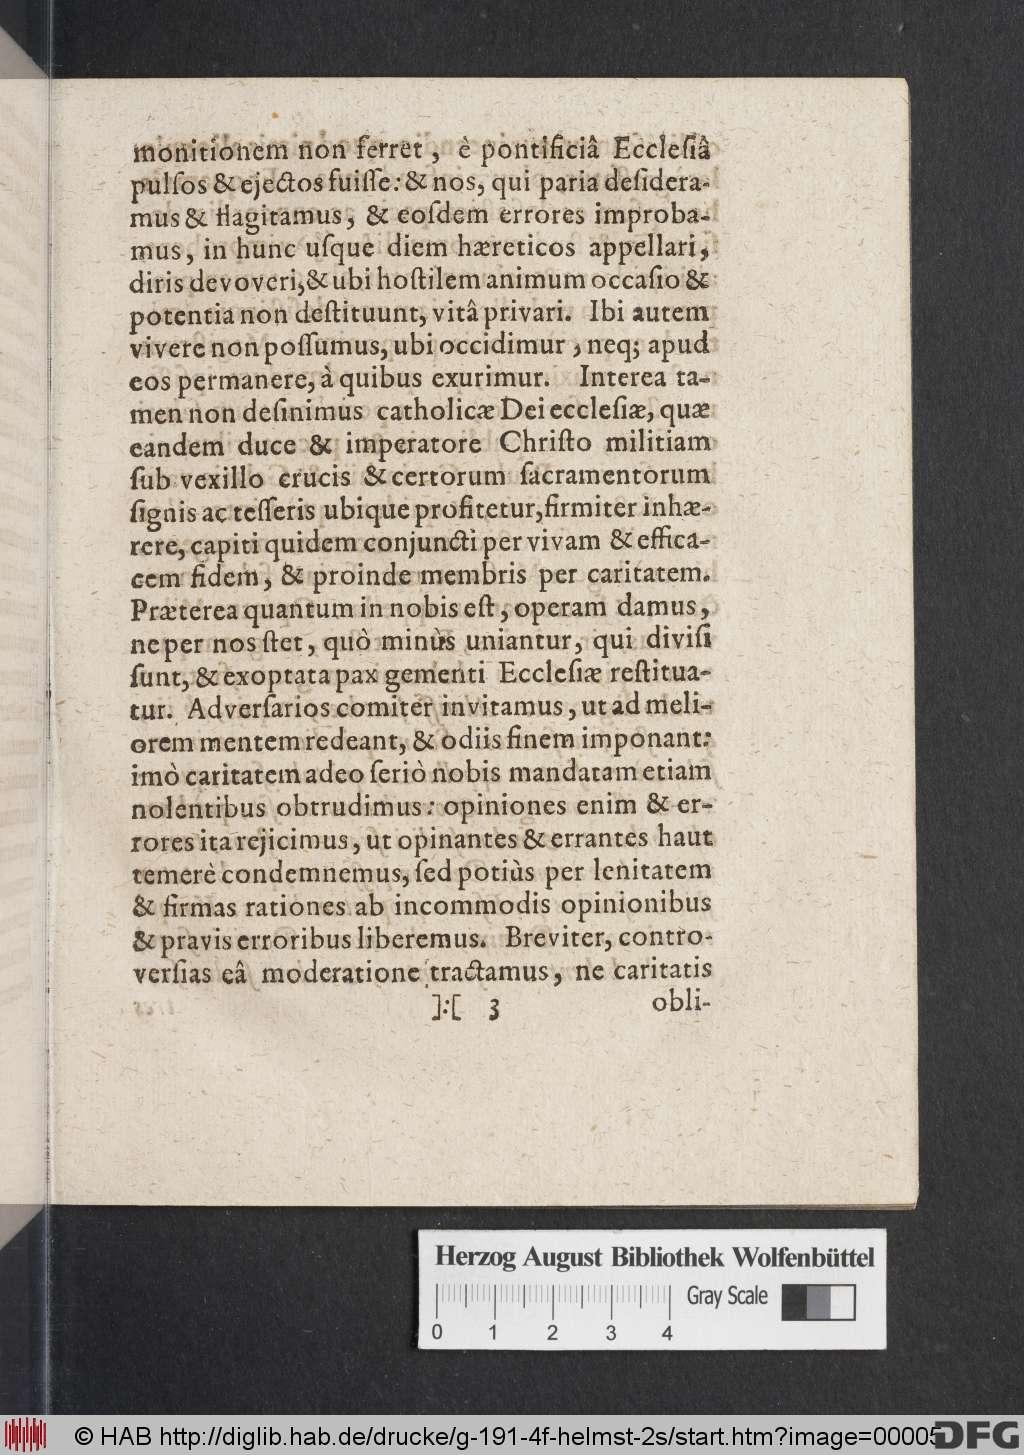 http://diglib.hab.de/drucke/g-191-4f-helmst-2s/00005.jpg